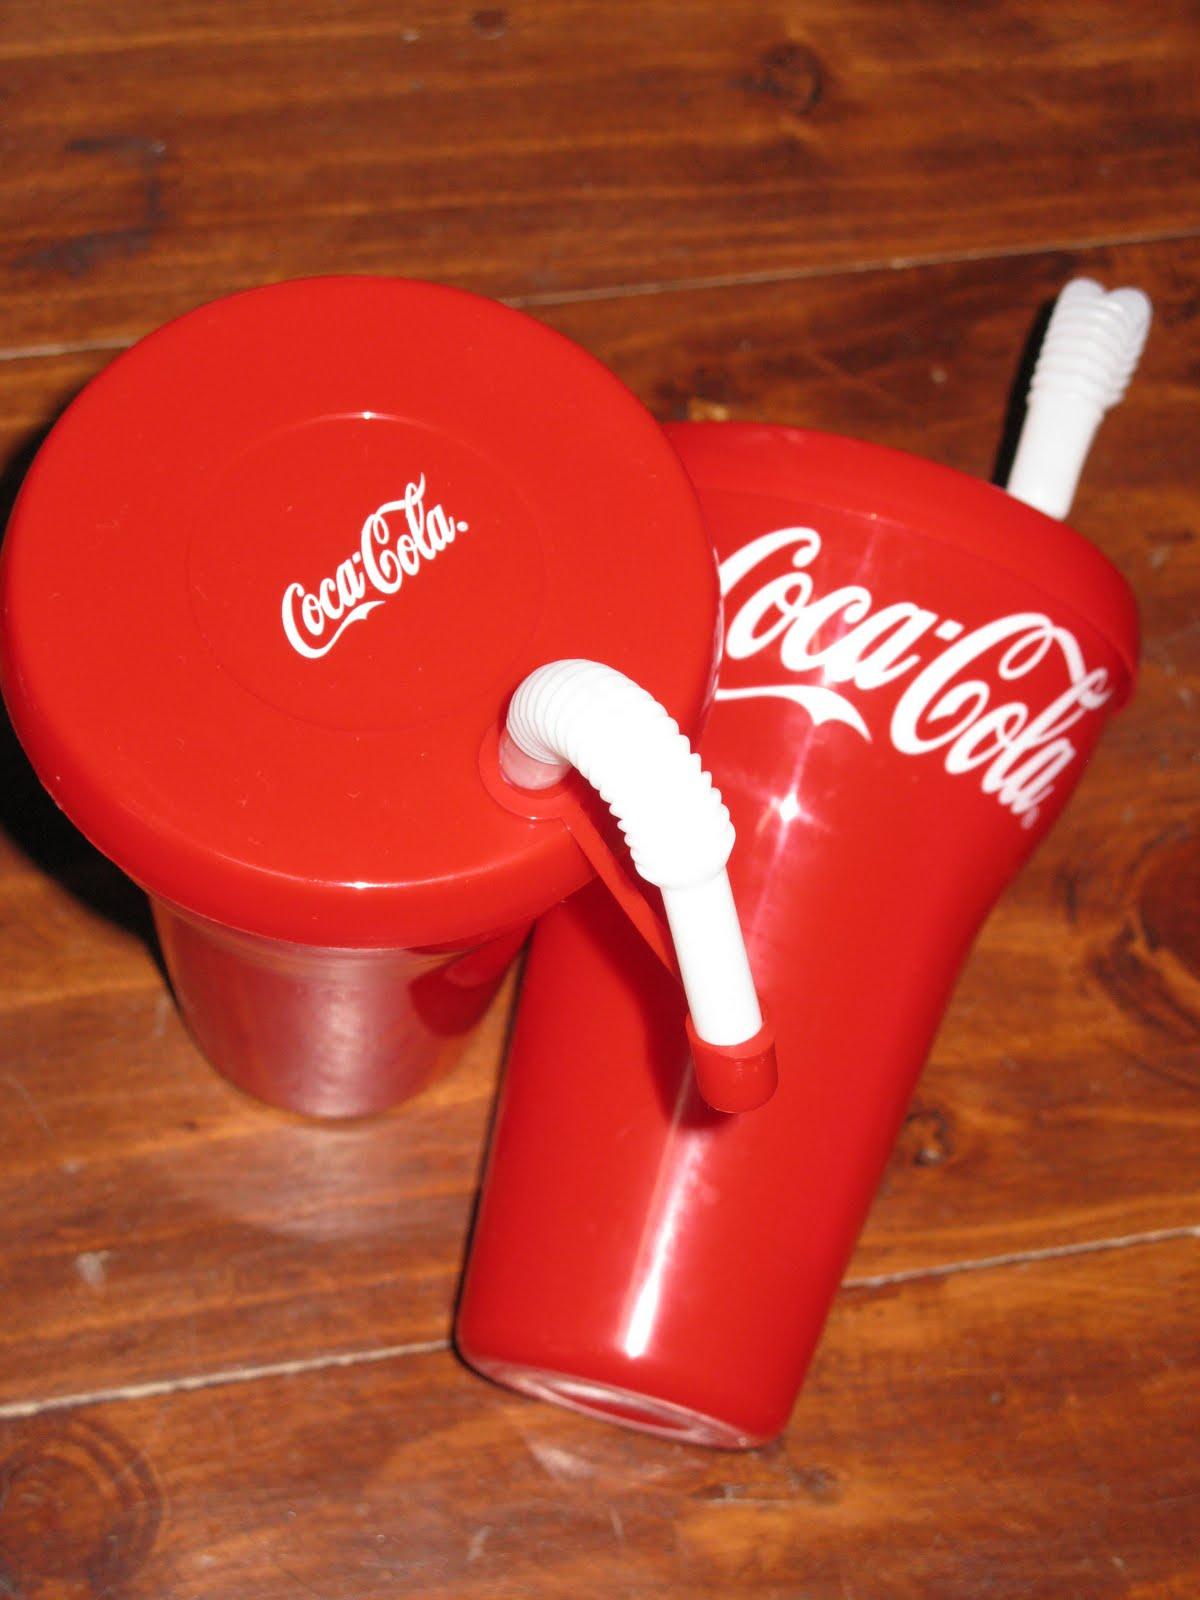 The Coca Cola Collectors Coca Cola Tumbler At Big Mak